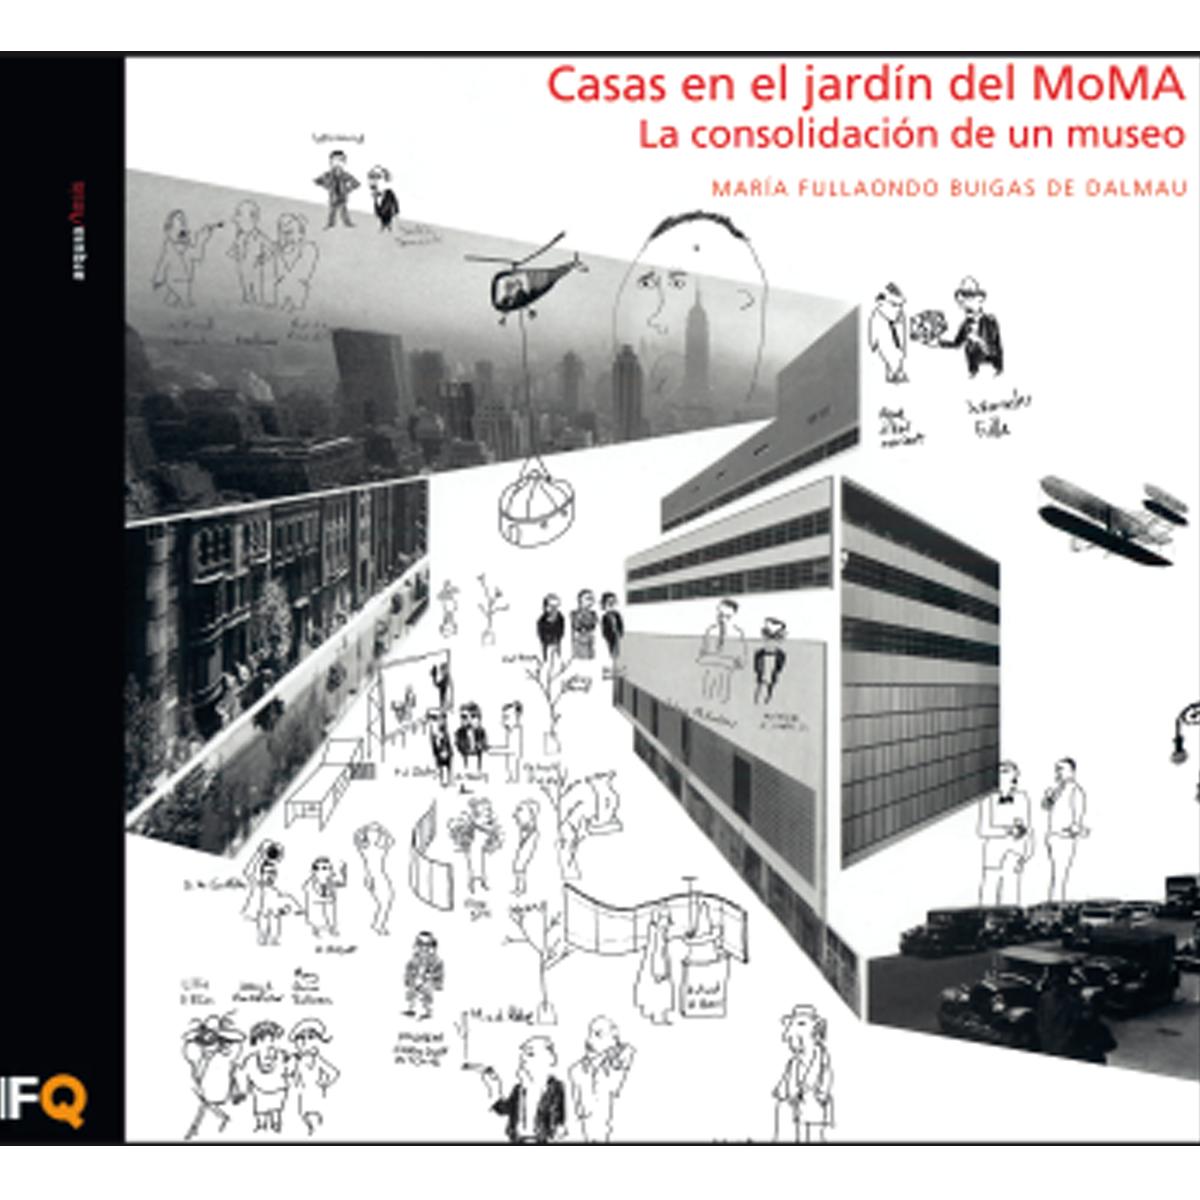 Casas en el jardín del MoMA